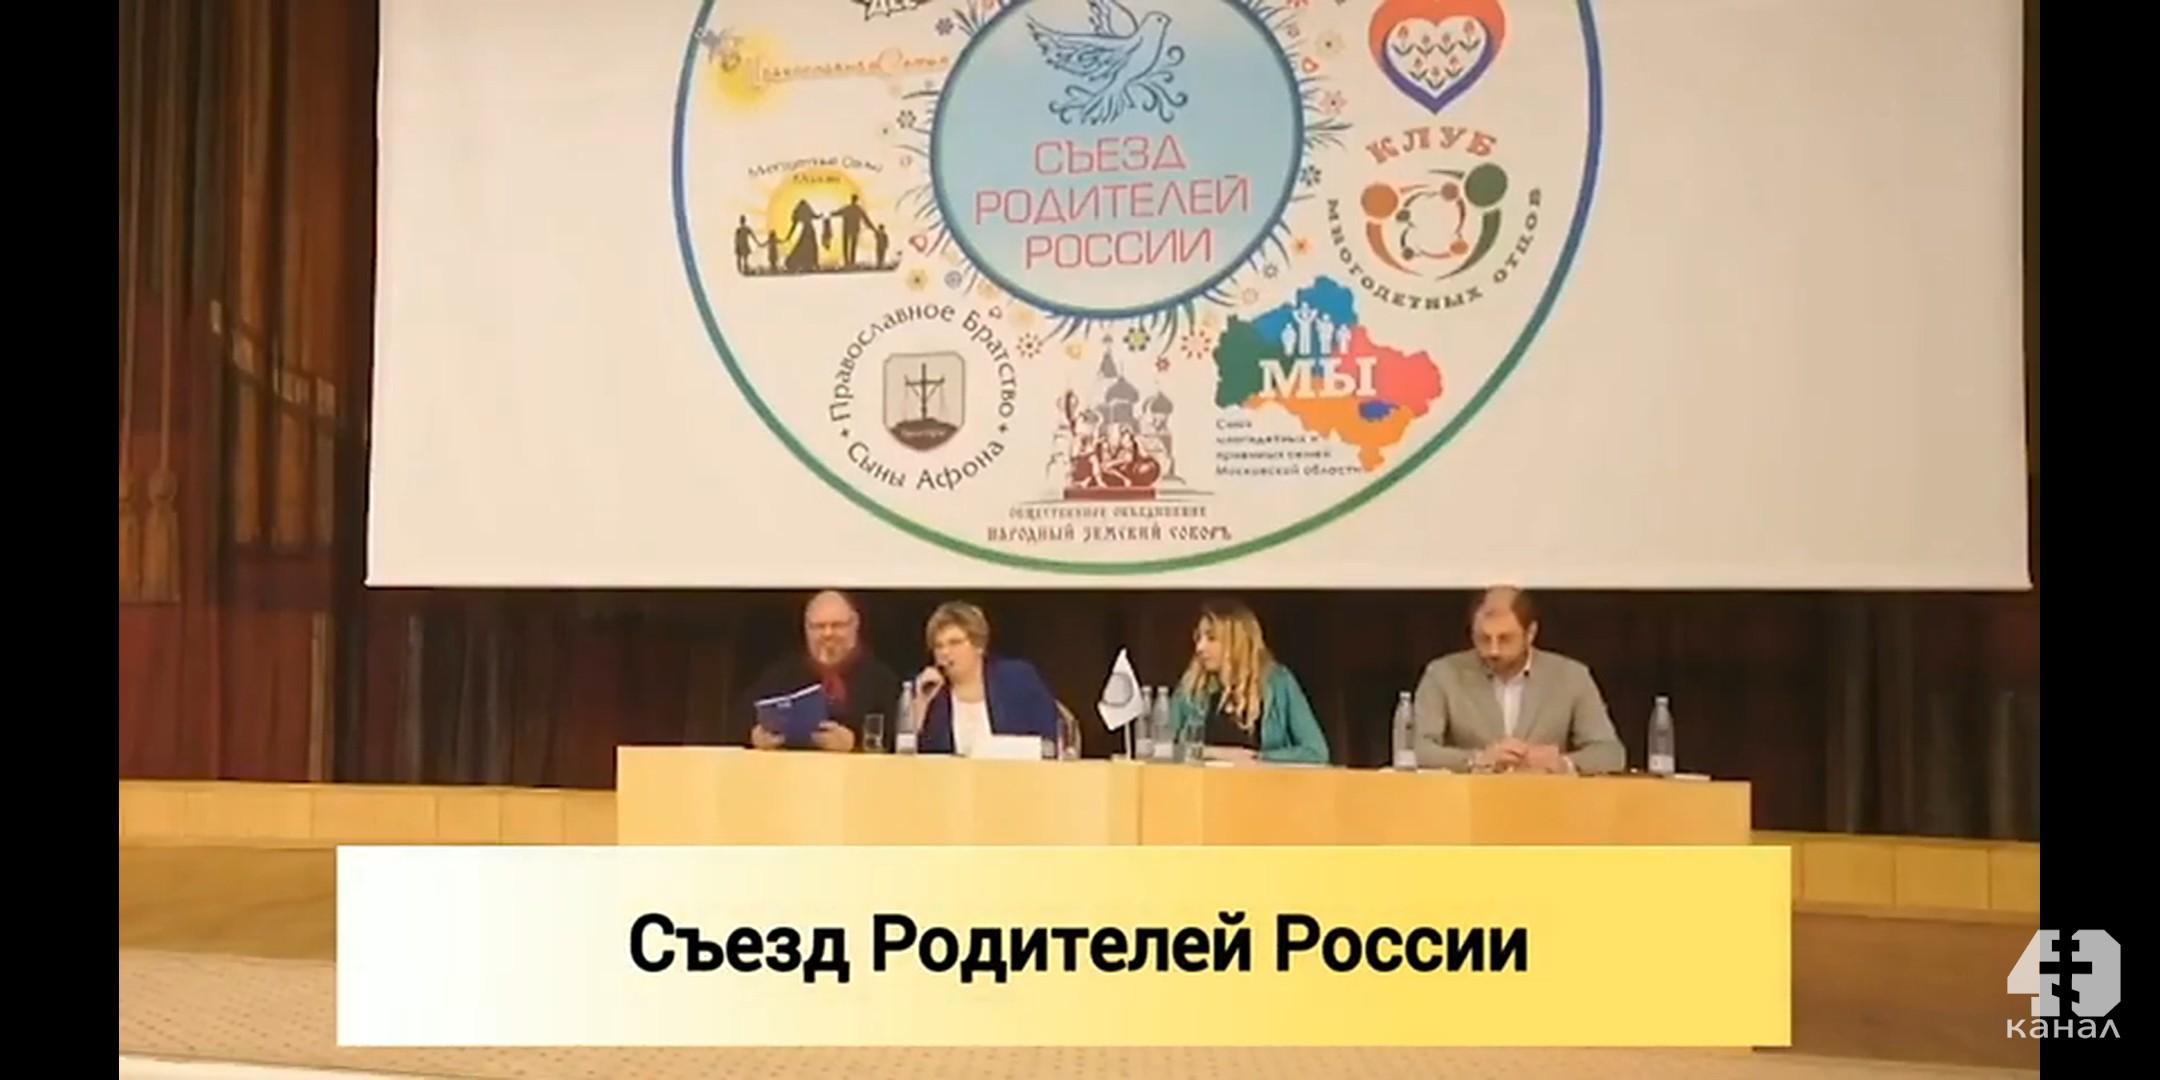 Предвыборная программа партии Российский Общенародный Союз и Общественного движения Сорок Сороков.